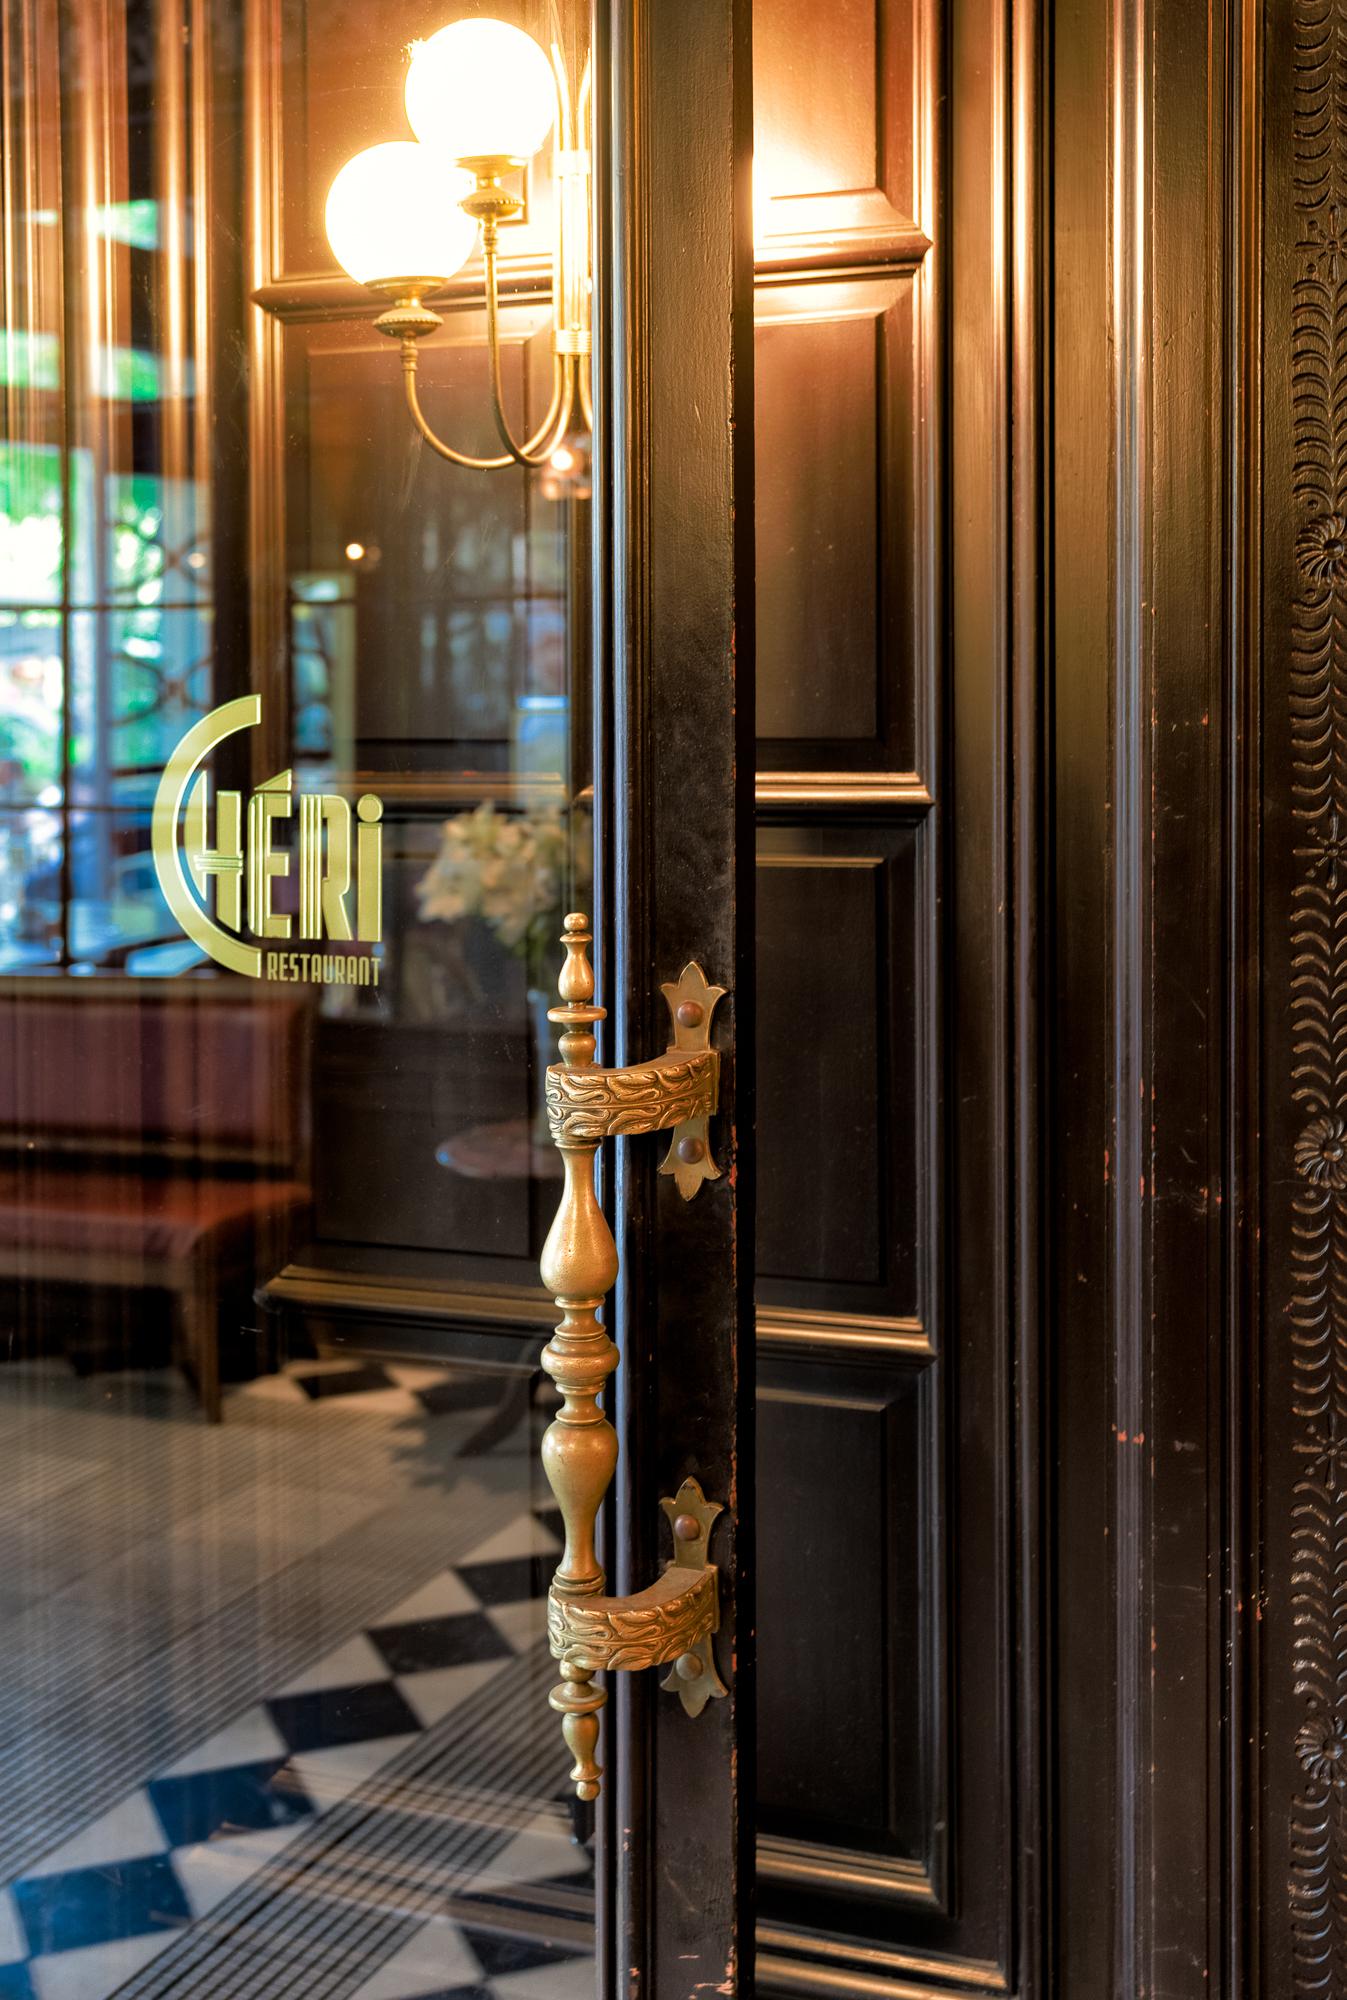 Barcelona Cher Restaurant-5.jpg